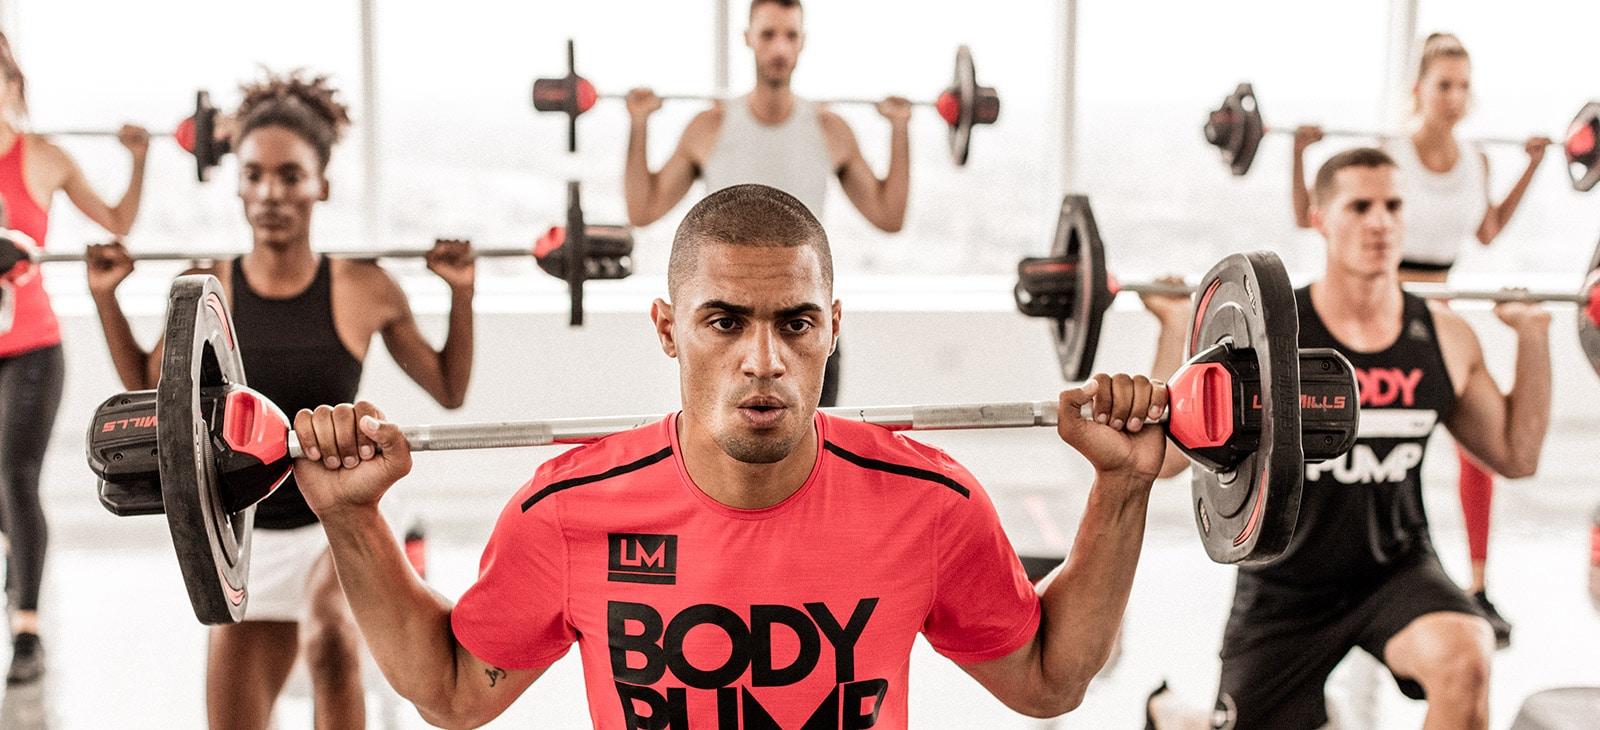 Abnehmen, Muskeln straffen, fit werden mit Bodypump